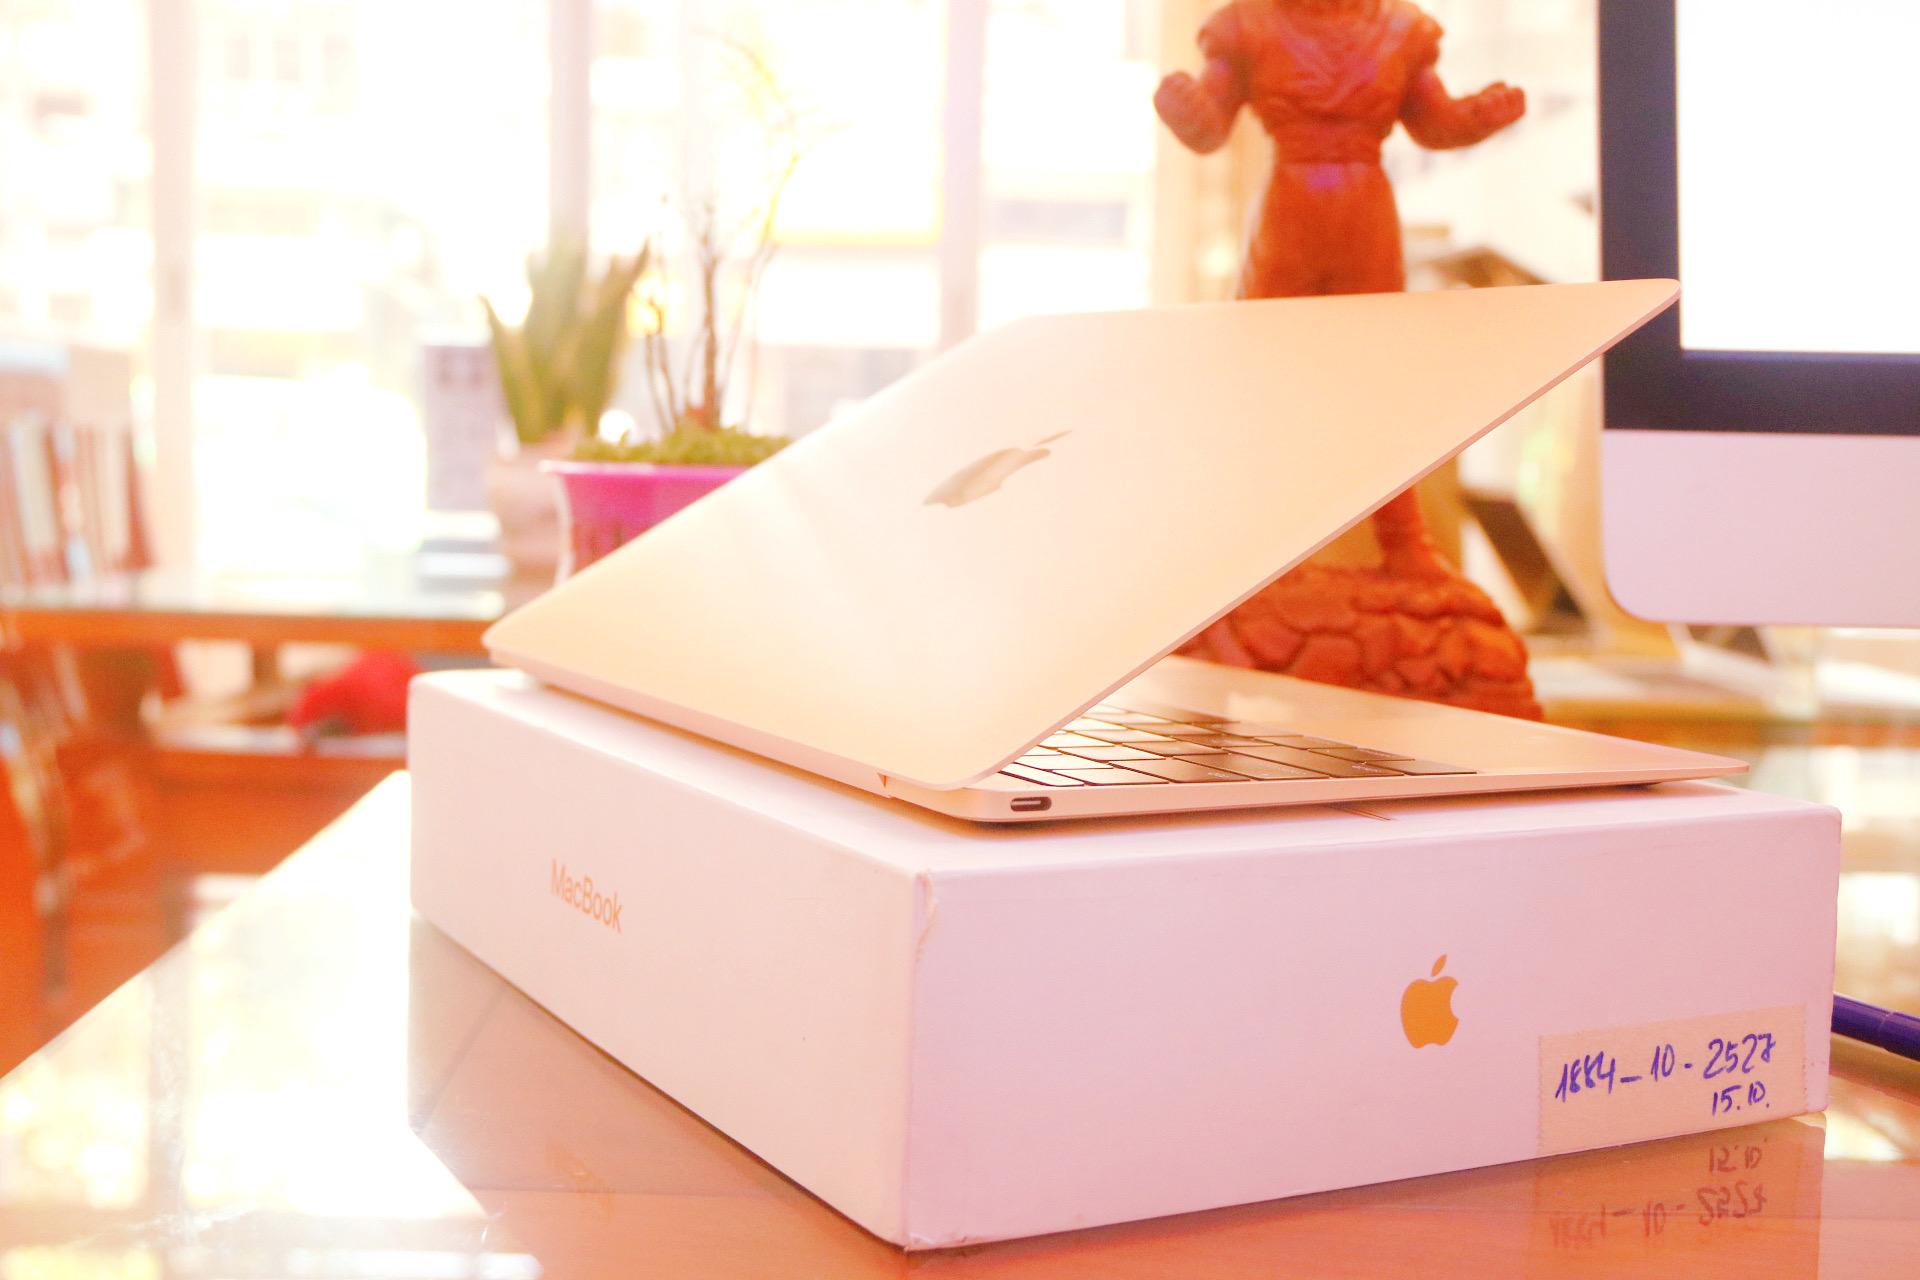 Macbook new 12 2017 gold Likenew fullbox 2 lần sạc